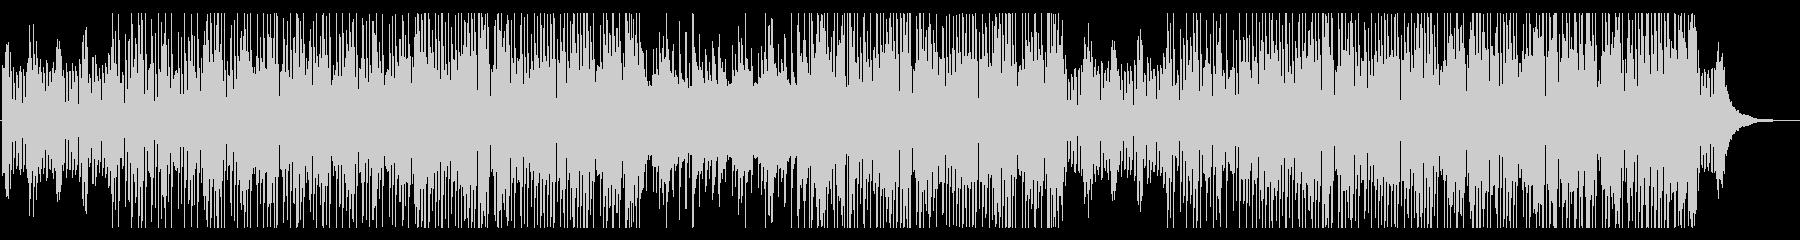 コミカルなピアノトリオのポップスの未再生の波形